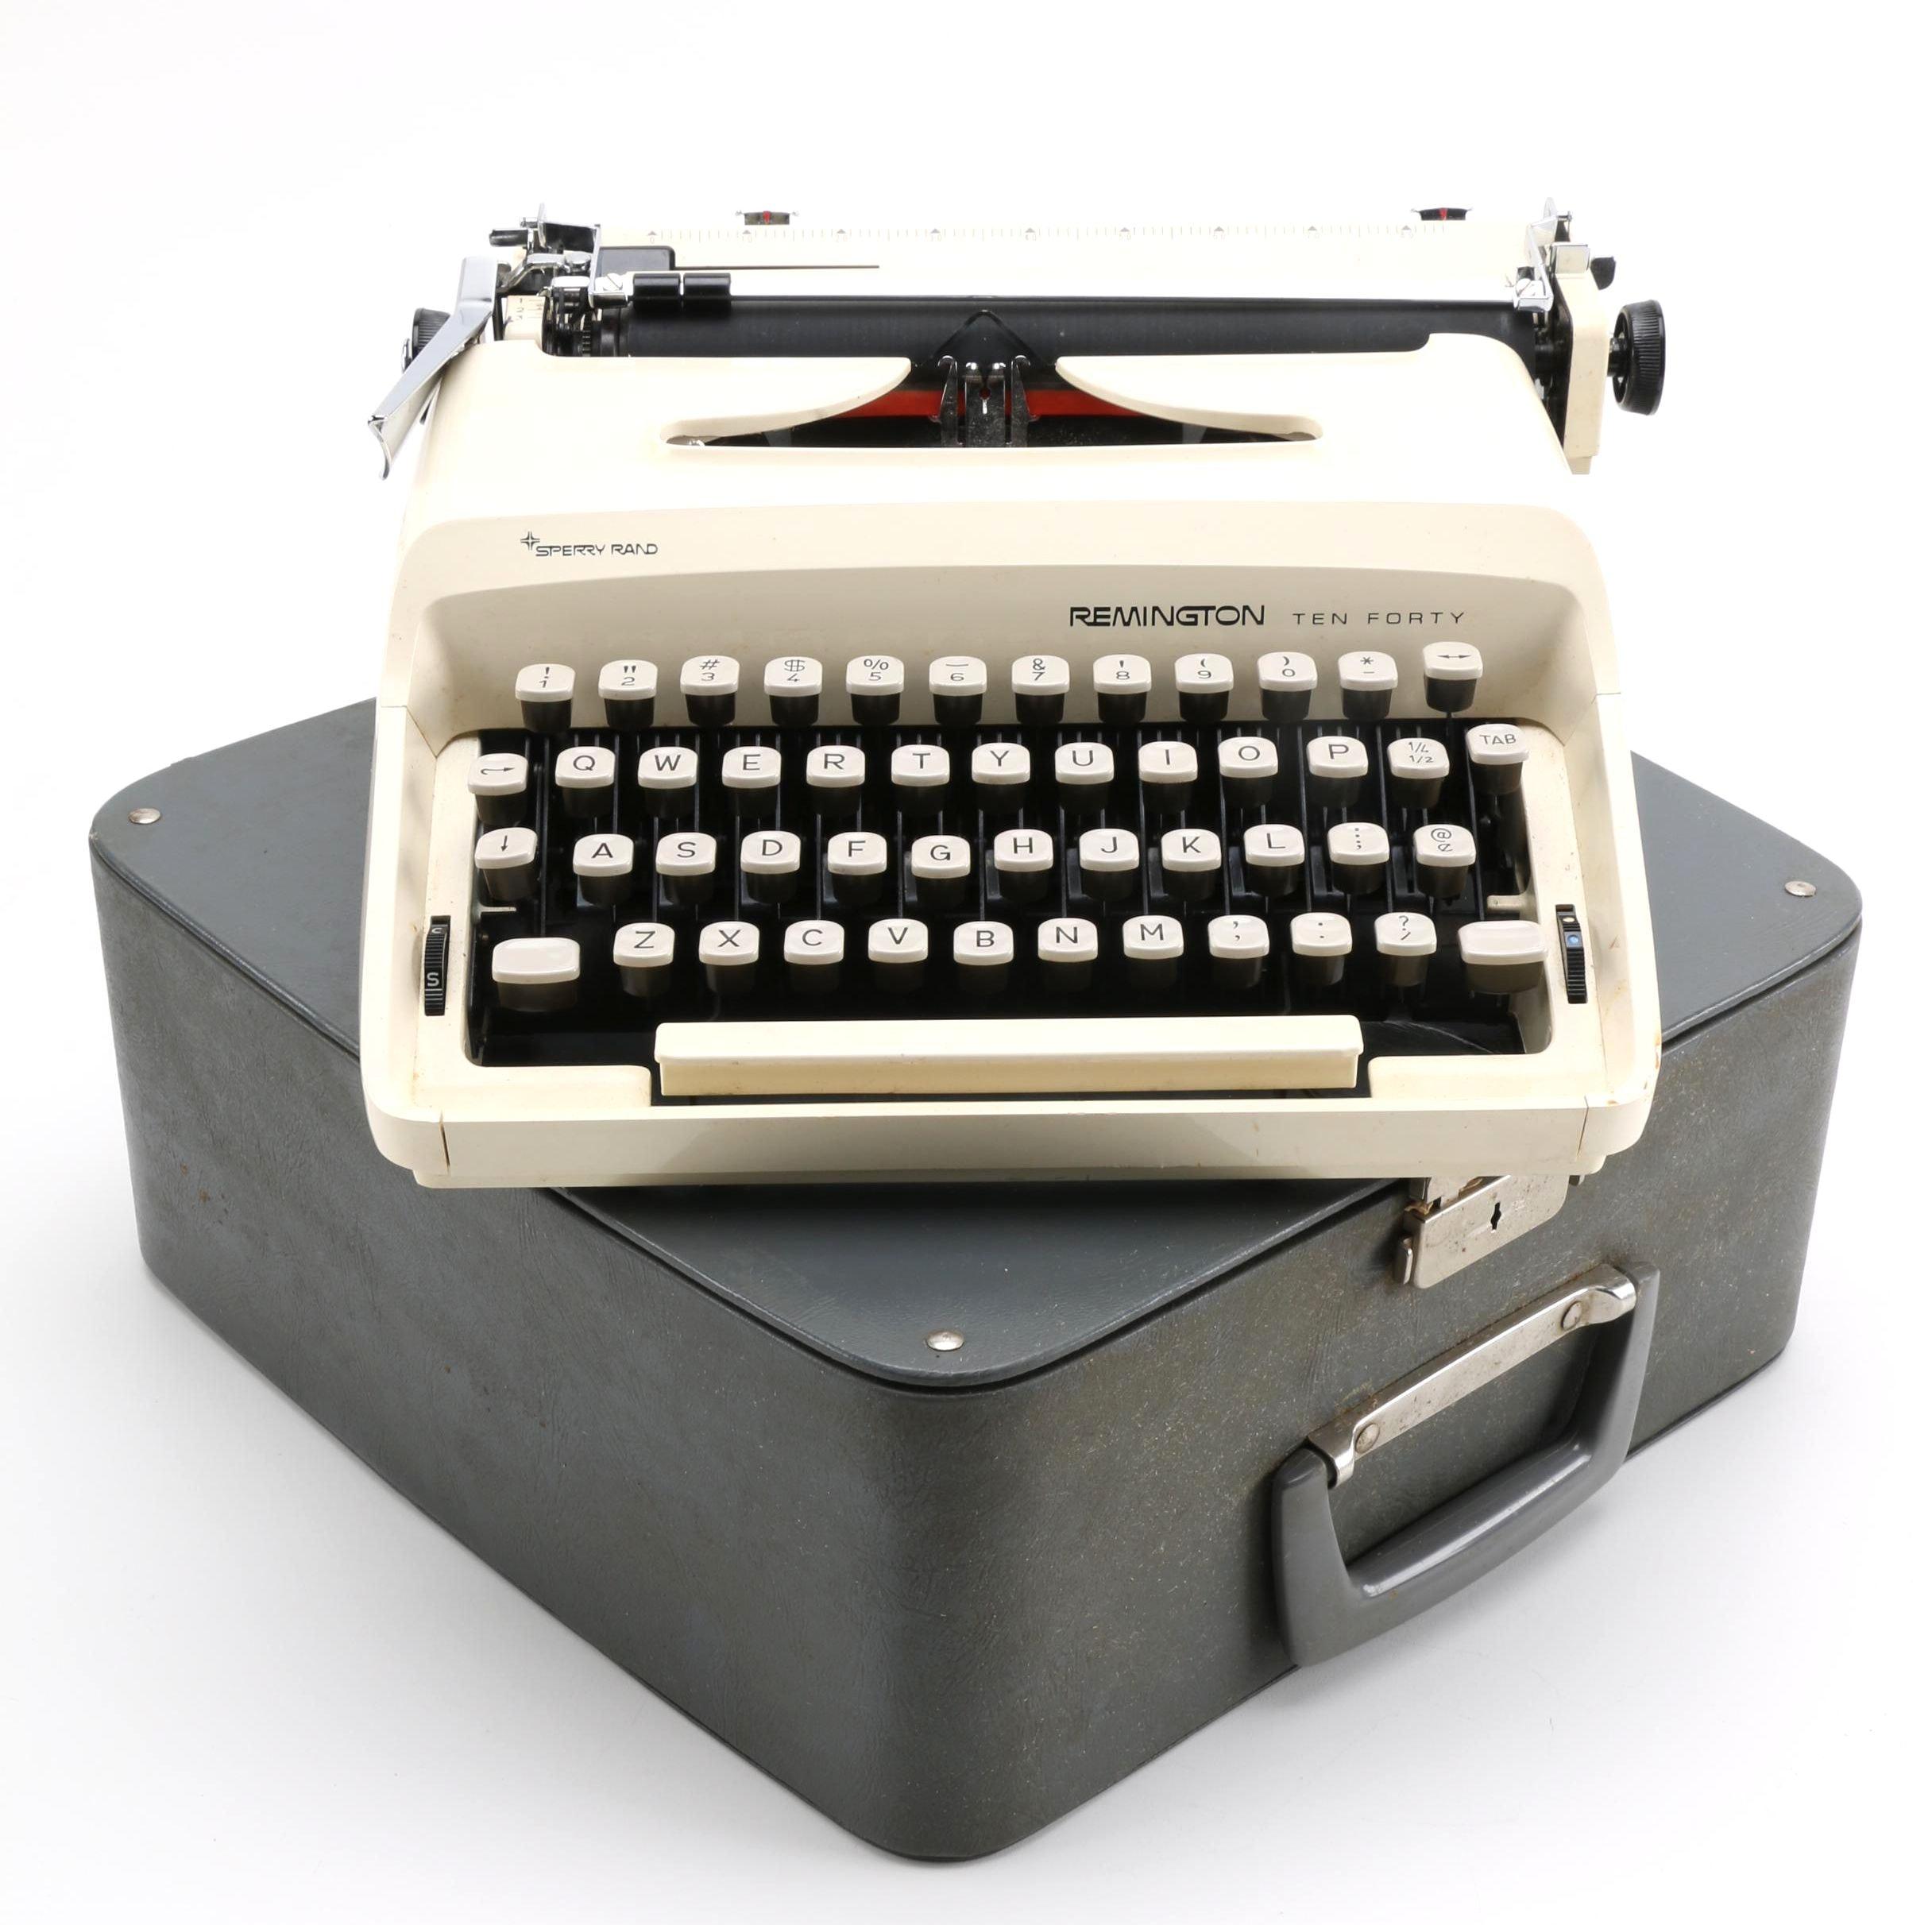 """Remington """"Ten Forty"""" Manual Typewriter with Original Case"""